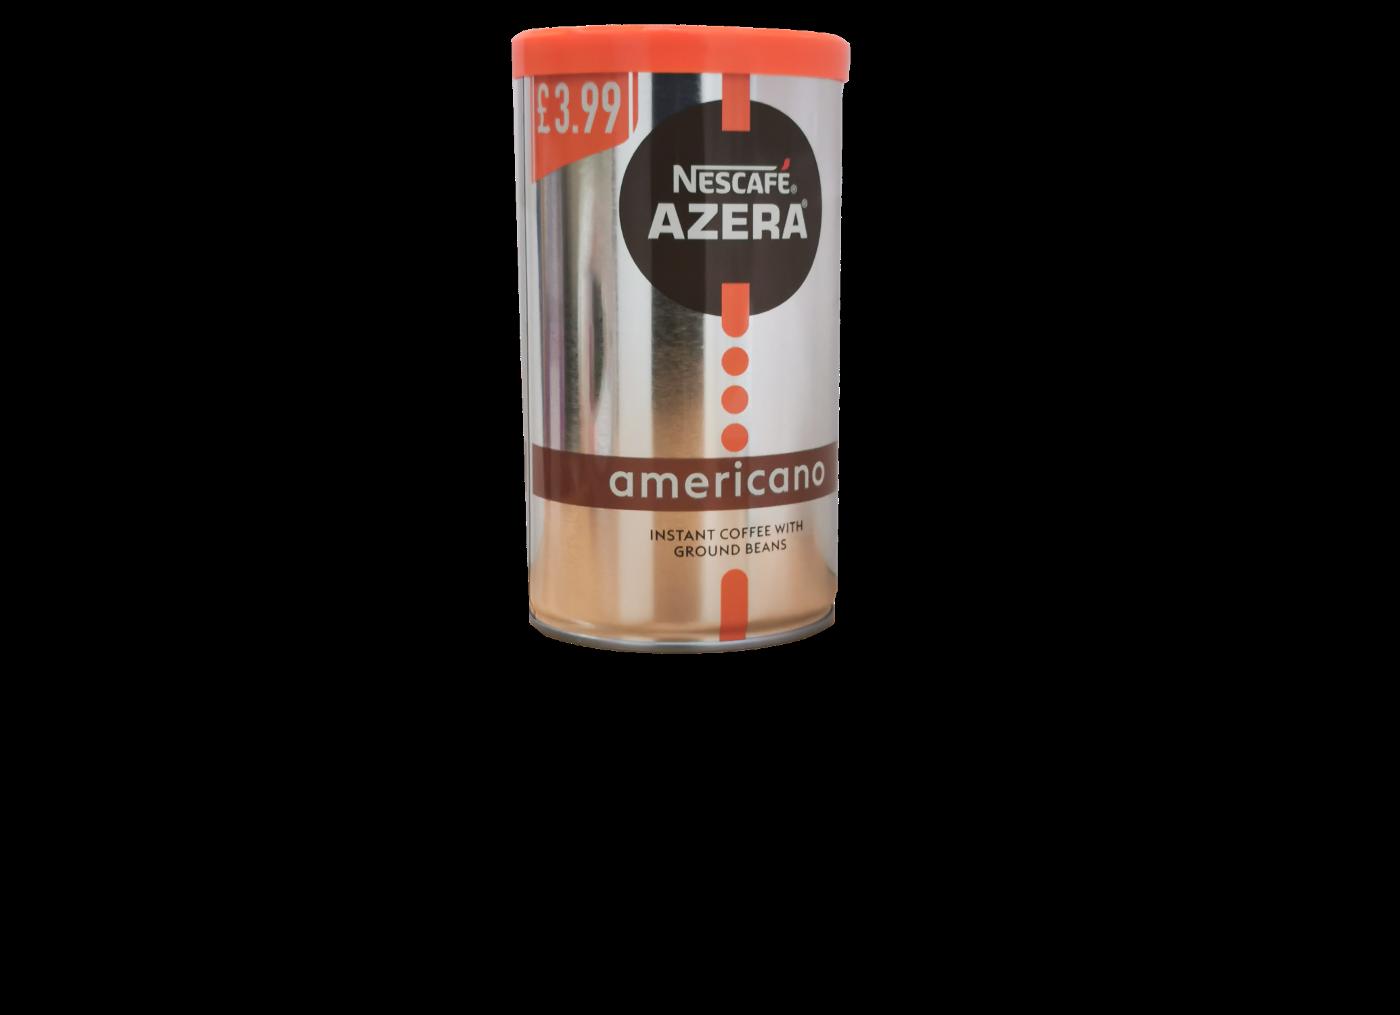 Nescafe Azera Americano (Instant)